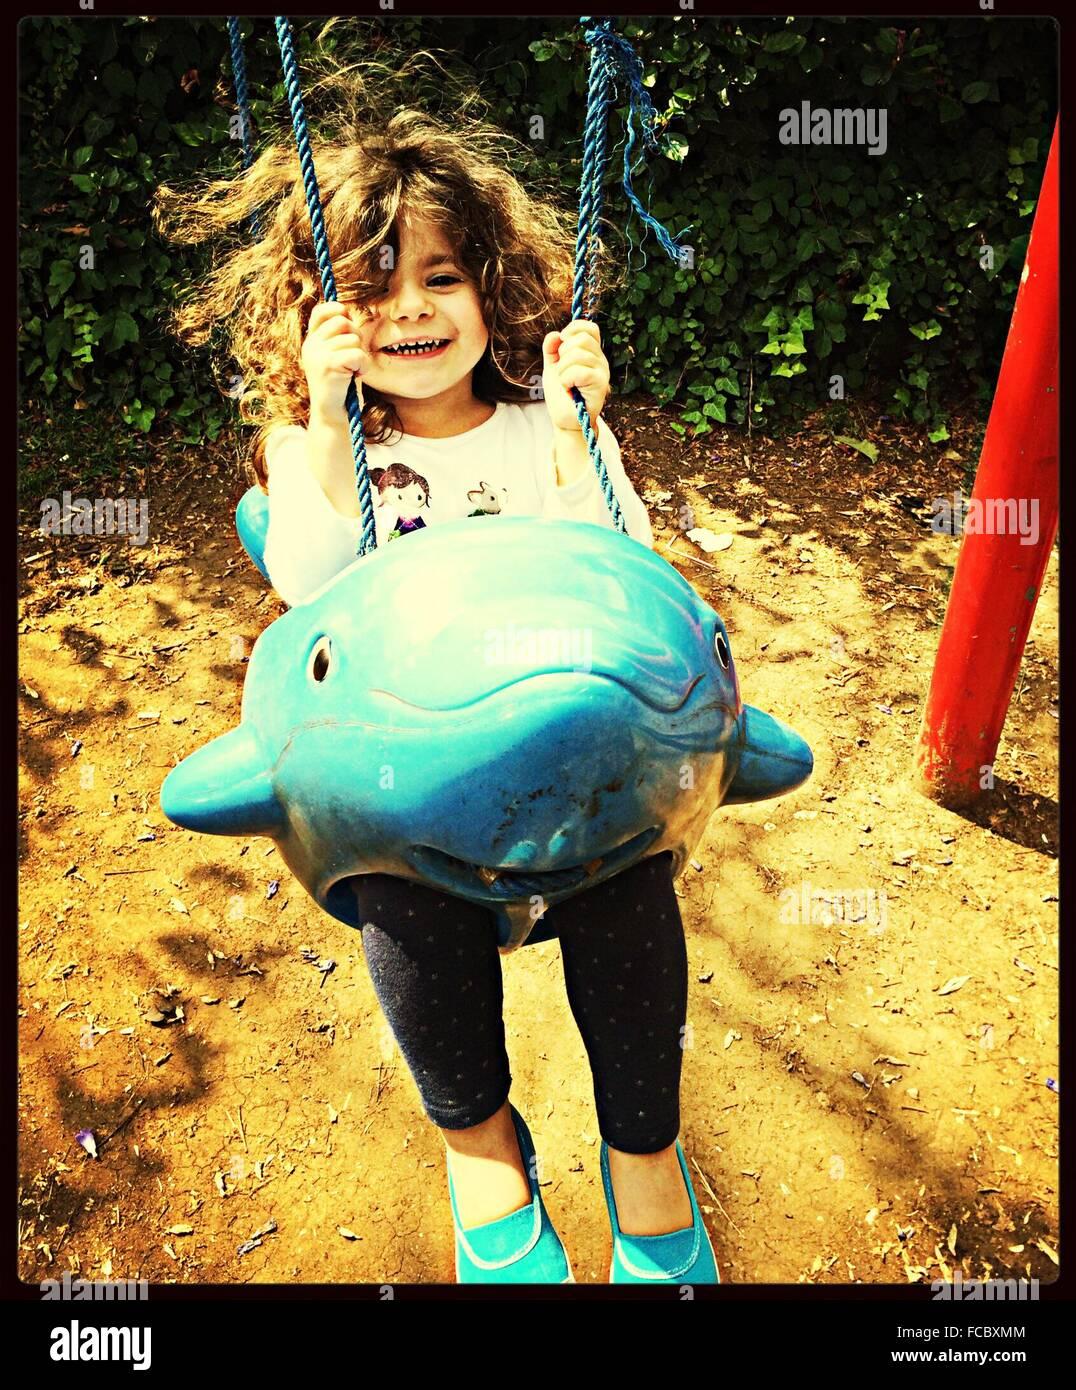 Mädchen genießen Swing Ride auf Spielplatz Stockbild